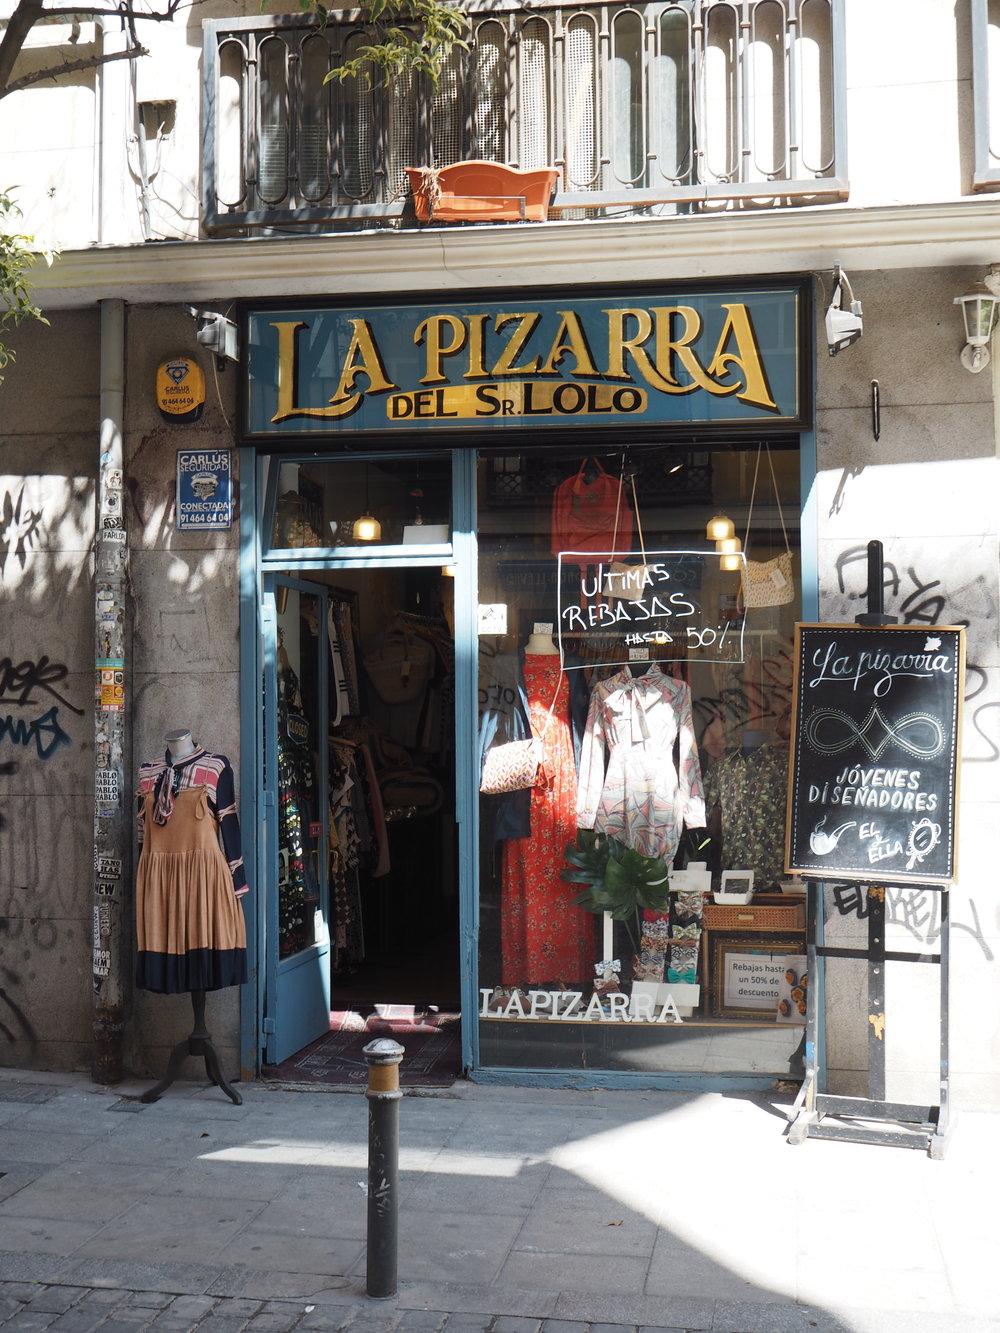 tiendas-ropa-madrid-originales-pizarra.JPG